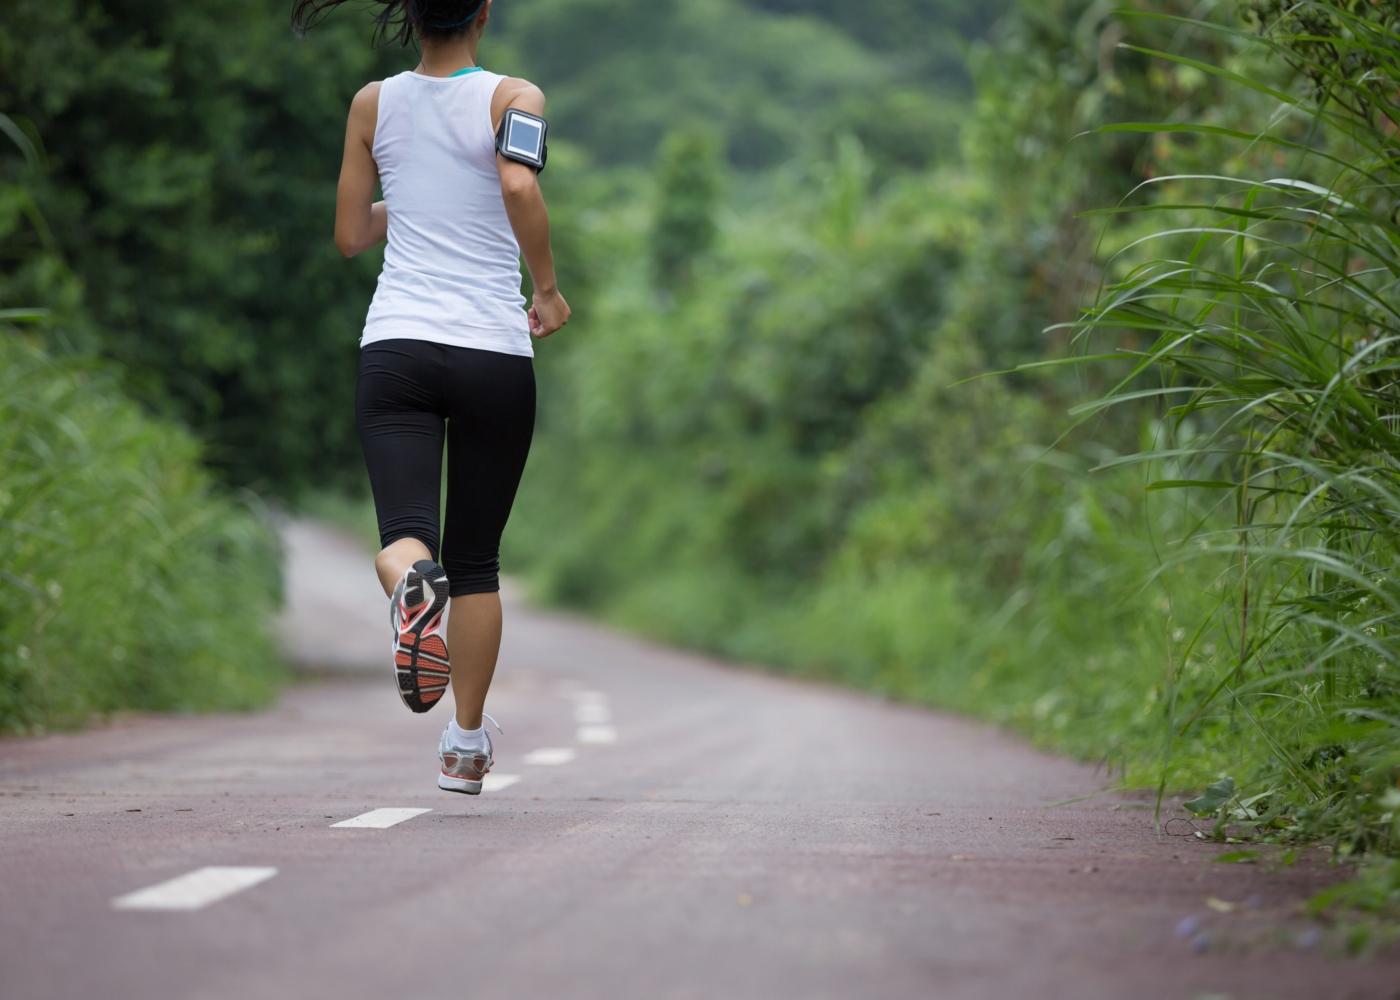 Mulher a correr numa estrada